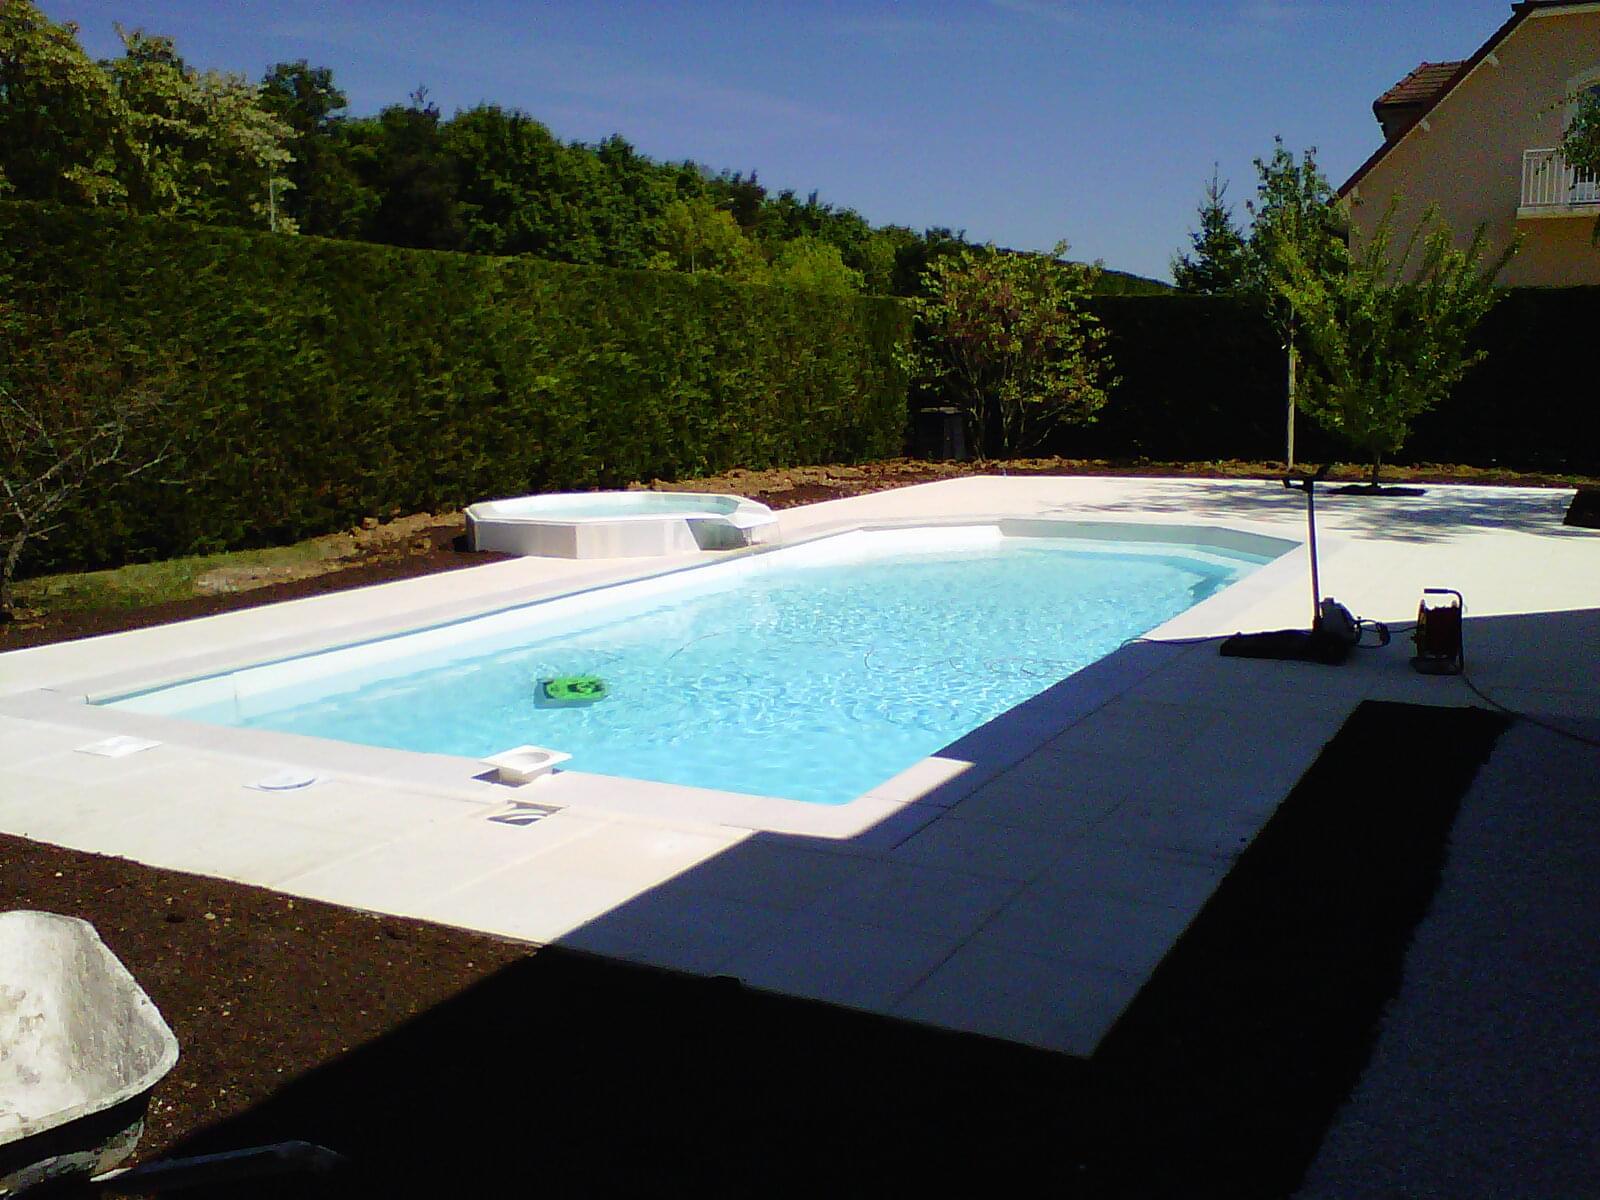 Piscines et abords anjoubault tp dijon - Nettoyage dalle piscine ...